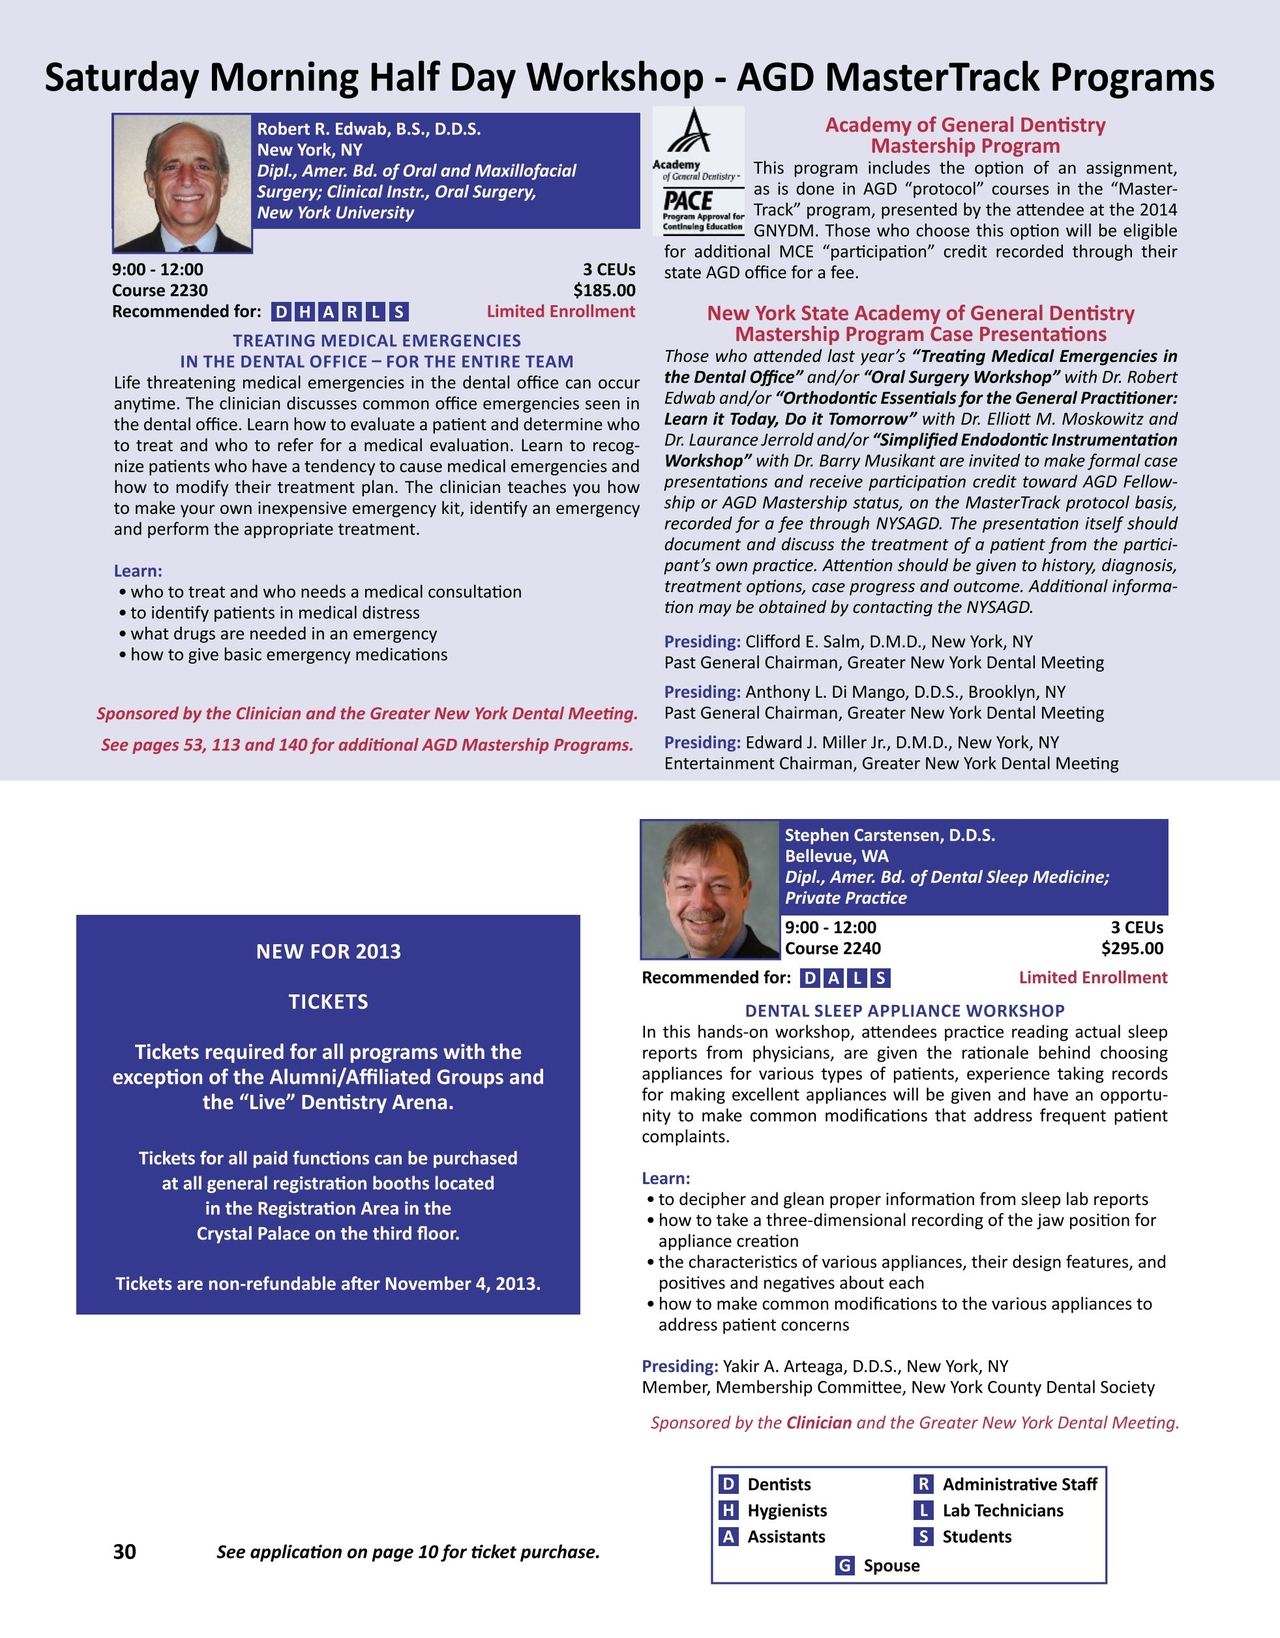 Greater New York Dental Meeting Program Guide 2013